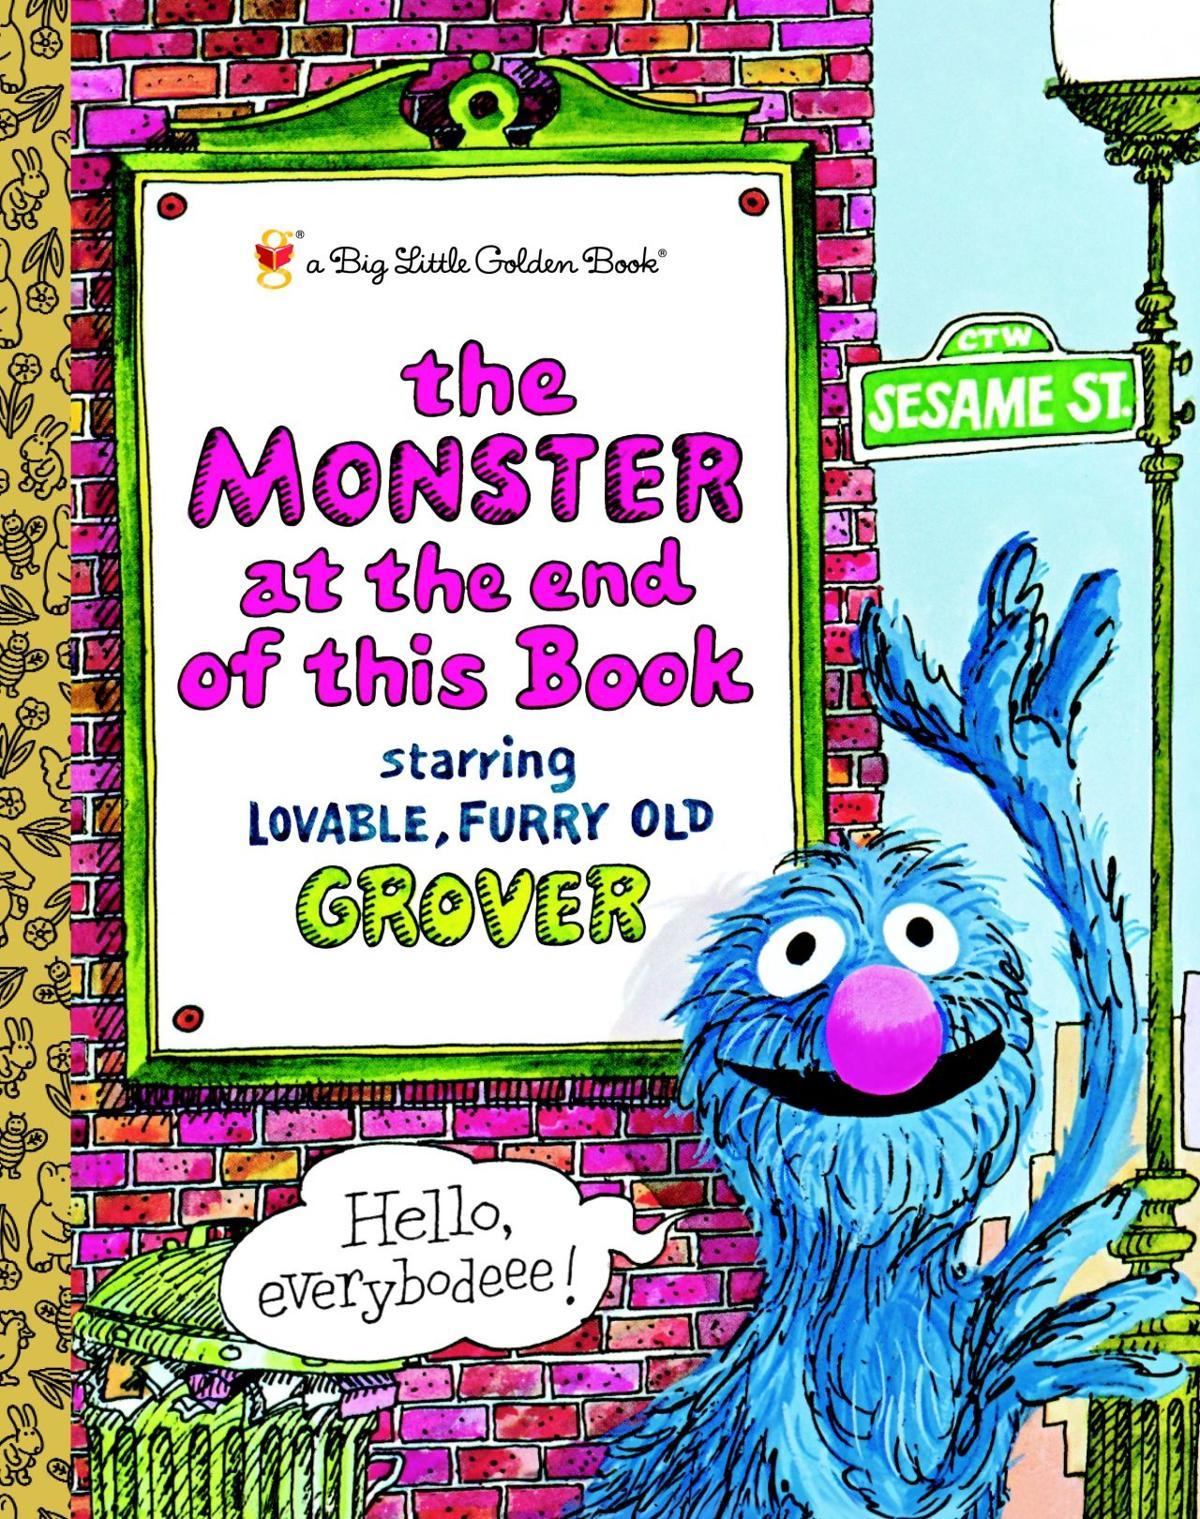 LNA 03172019 Juanita - Grover